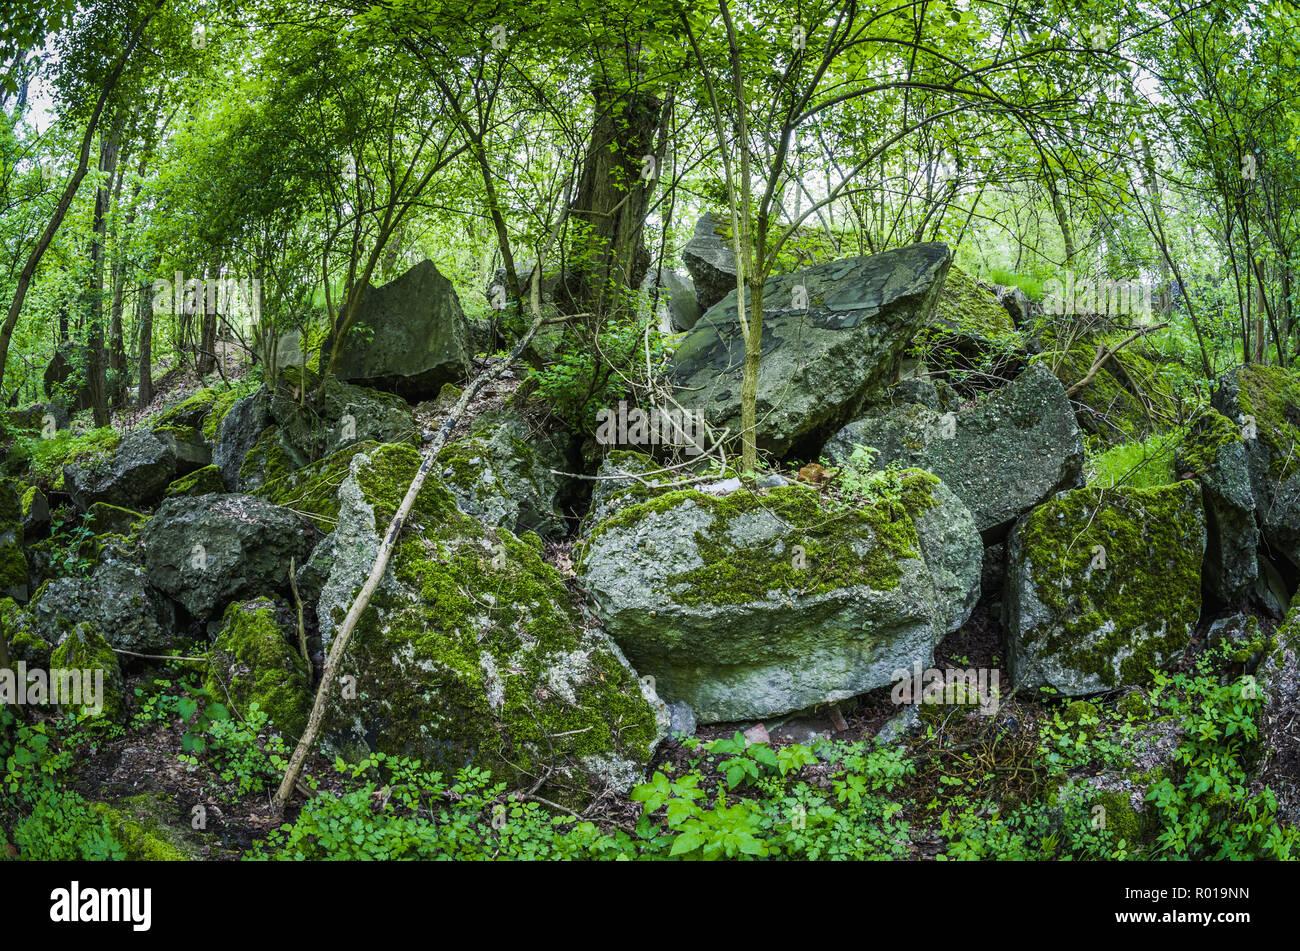 Abandoned remains of destroyed bunker of Festung Breslau. - Stock Image